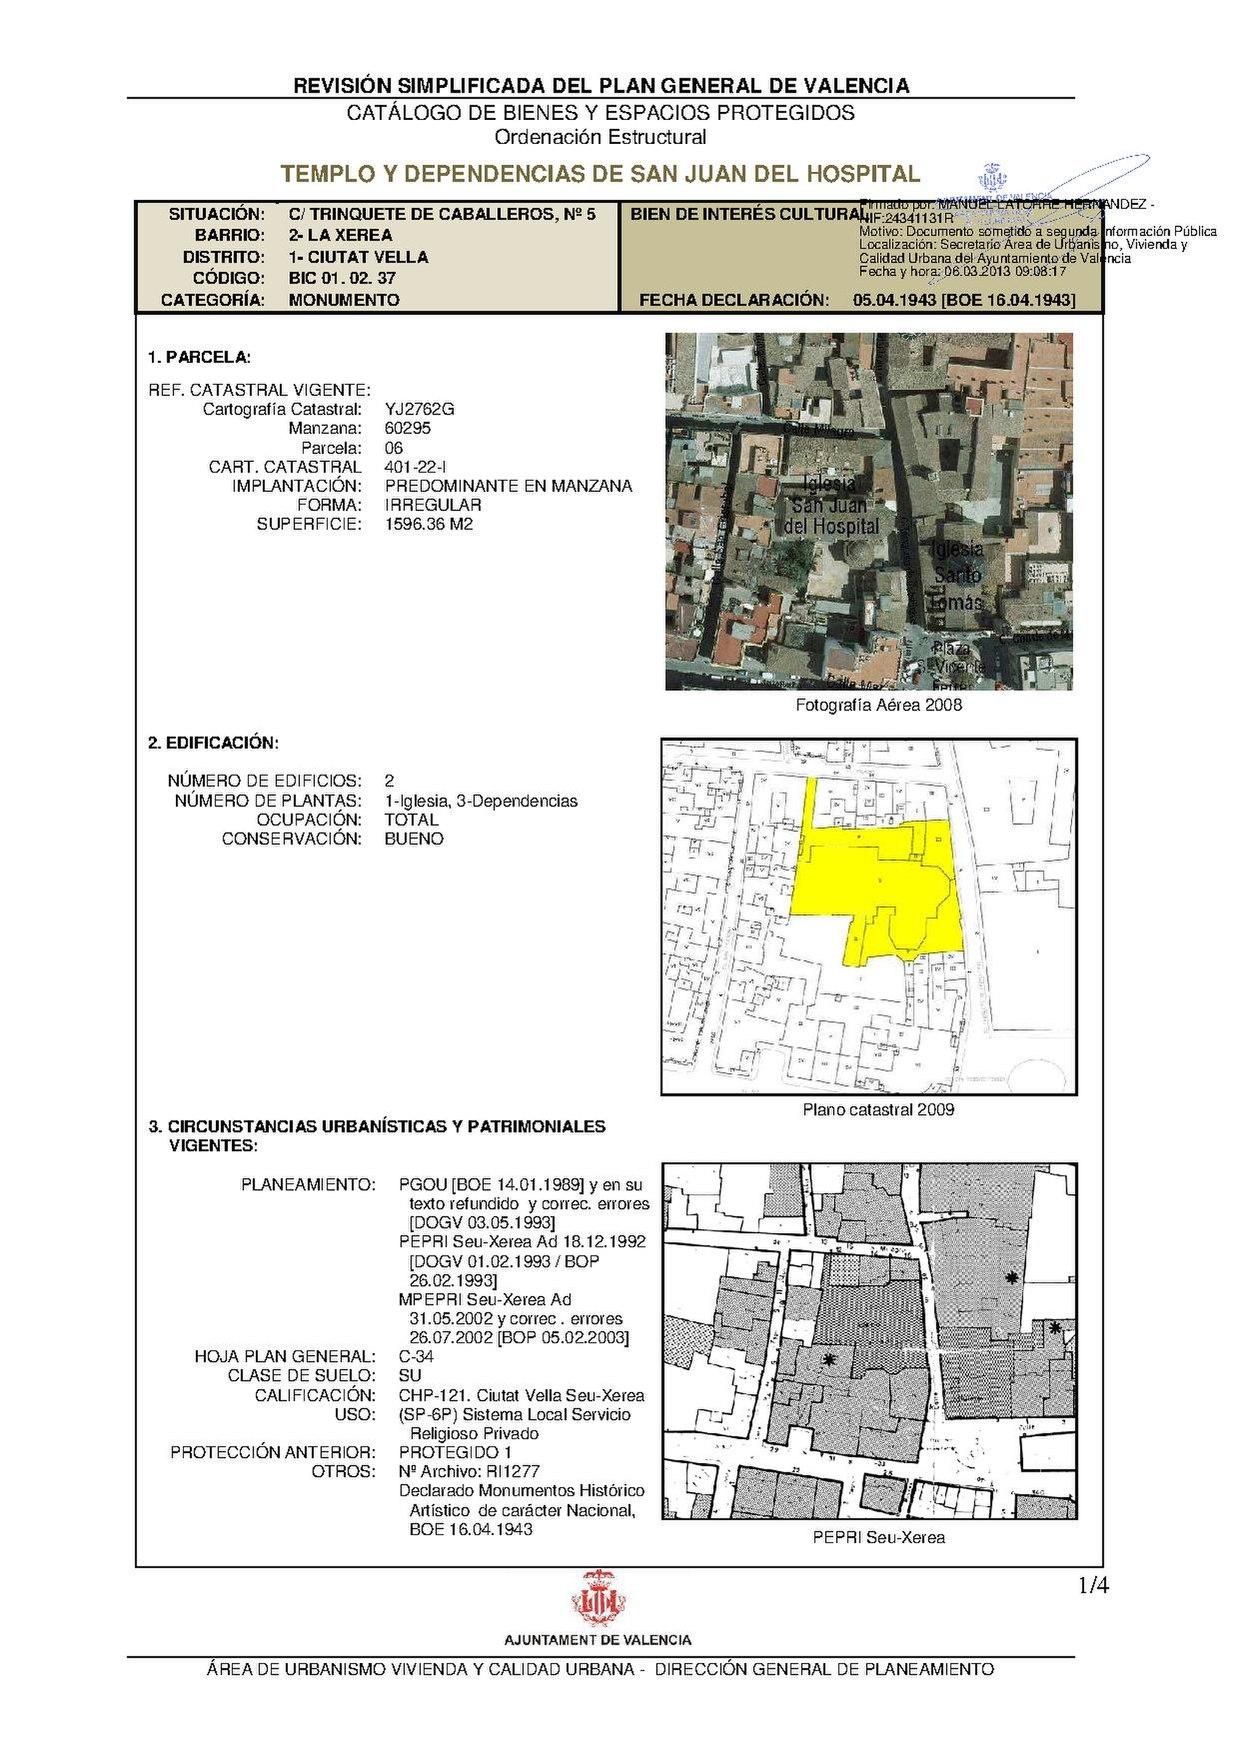 File:1 37 TEMPLO Y DEPENDENCIAS DE SAN JUAN DEL HOSPITAL firmado pdf